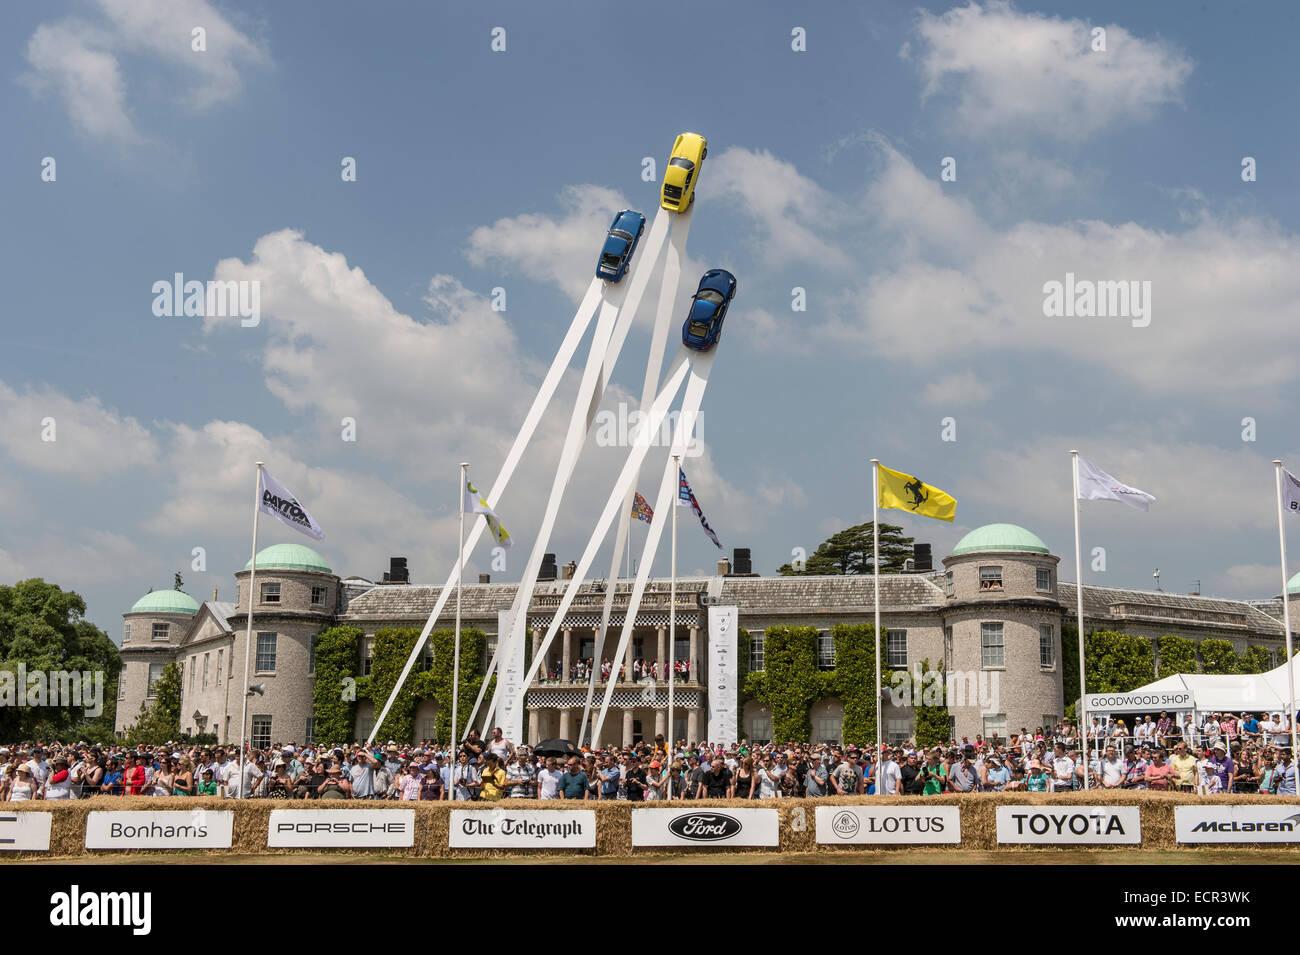 Breite Schuss von Goodwood House während des Festival of Speed Zentraldisplay und Massen Stockbild